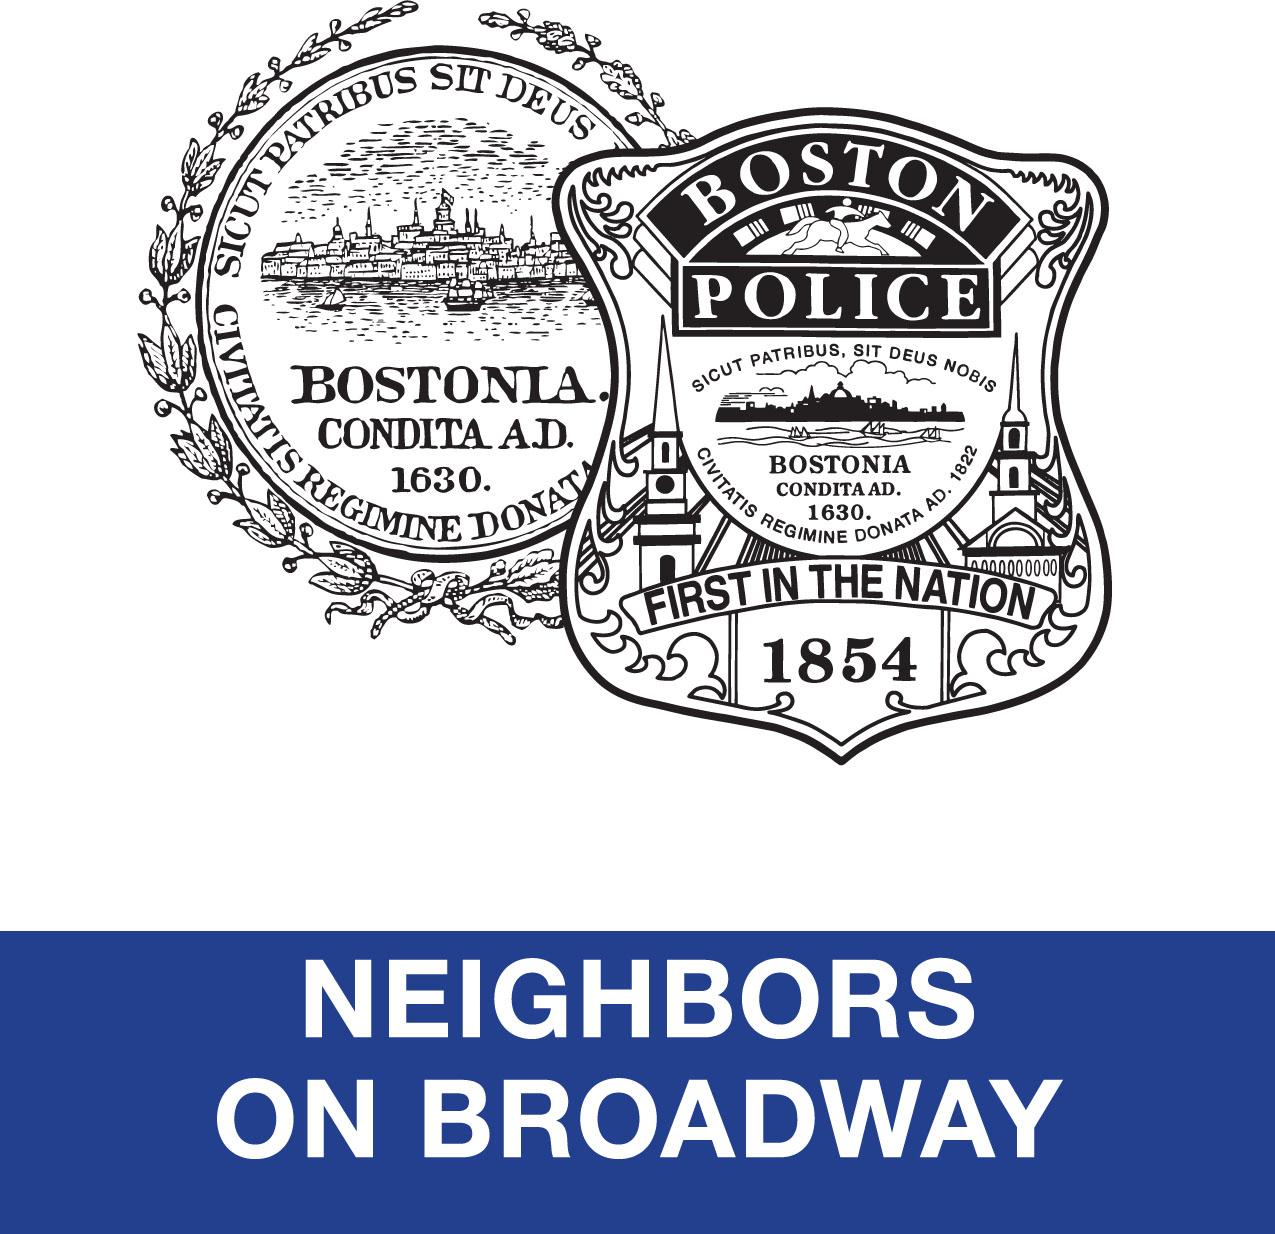 Neighbors On Broadway v3-1.jpg